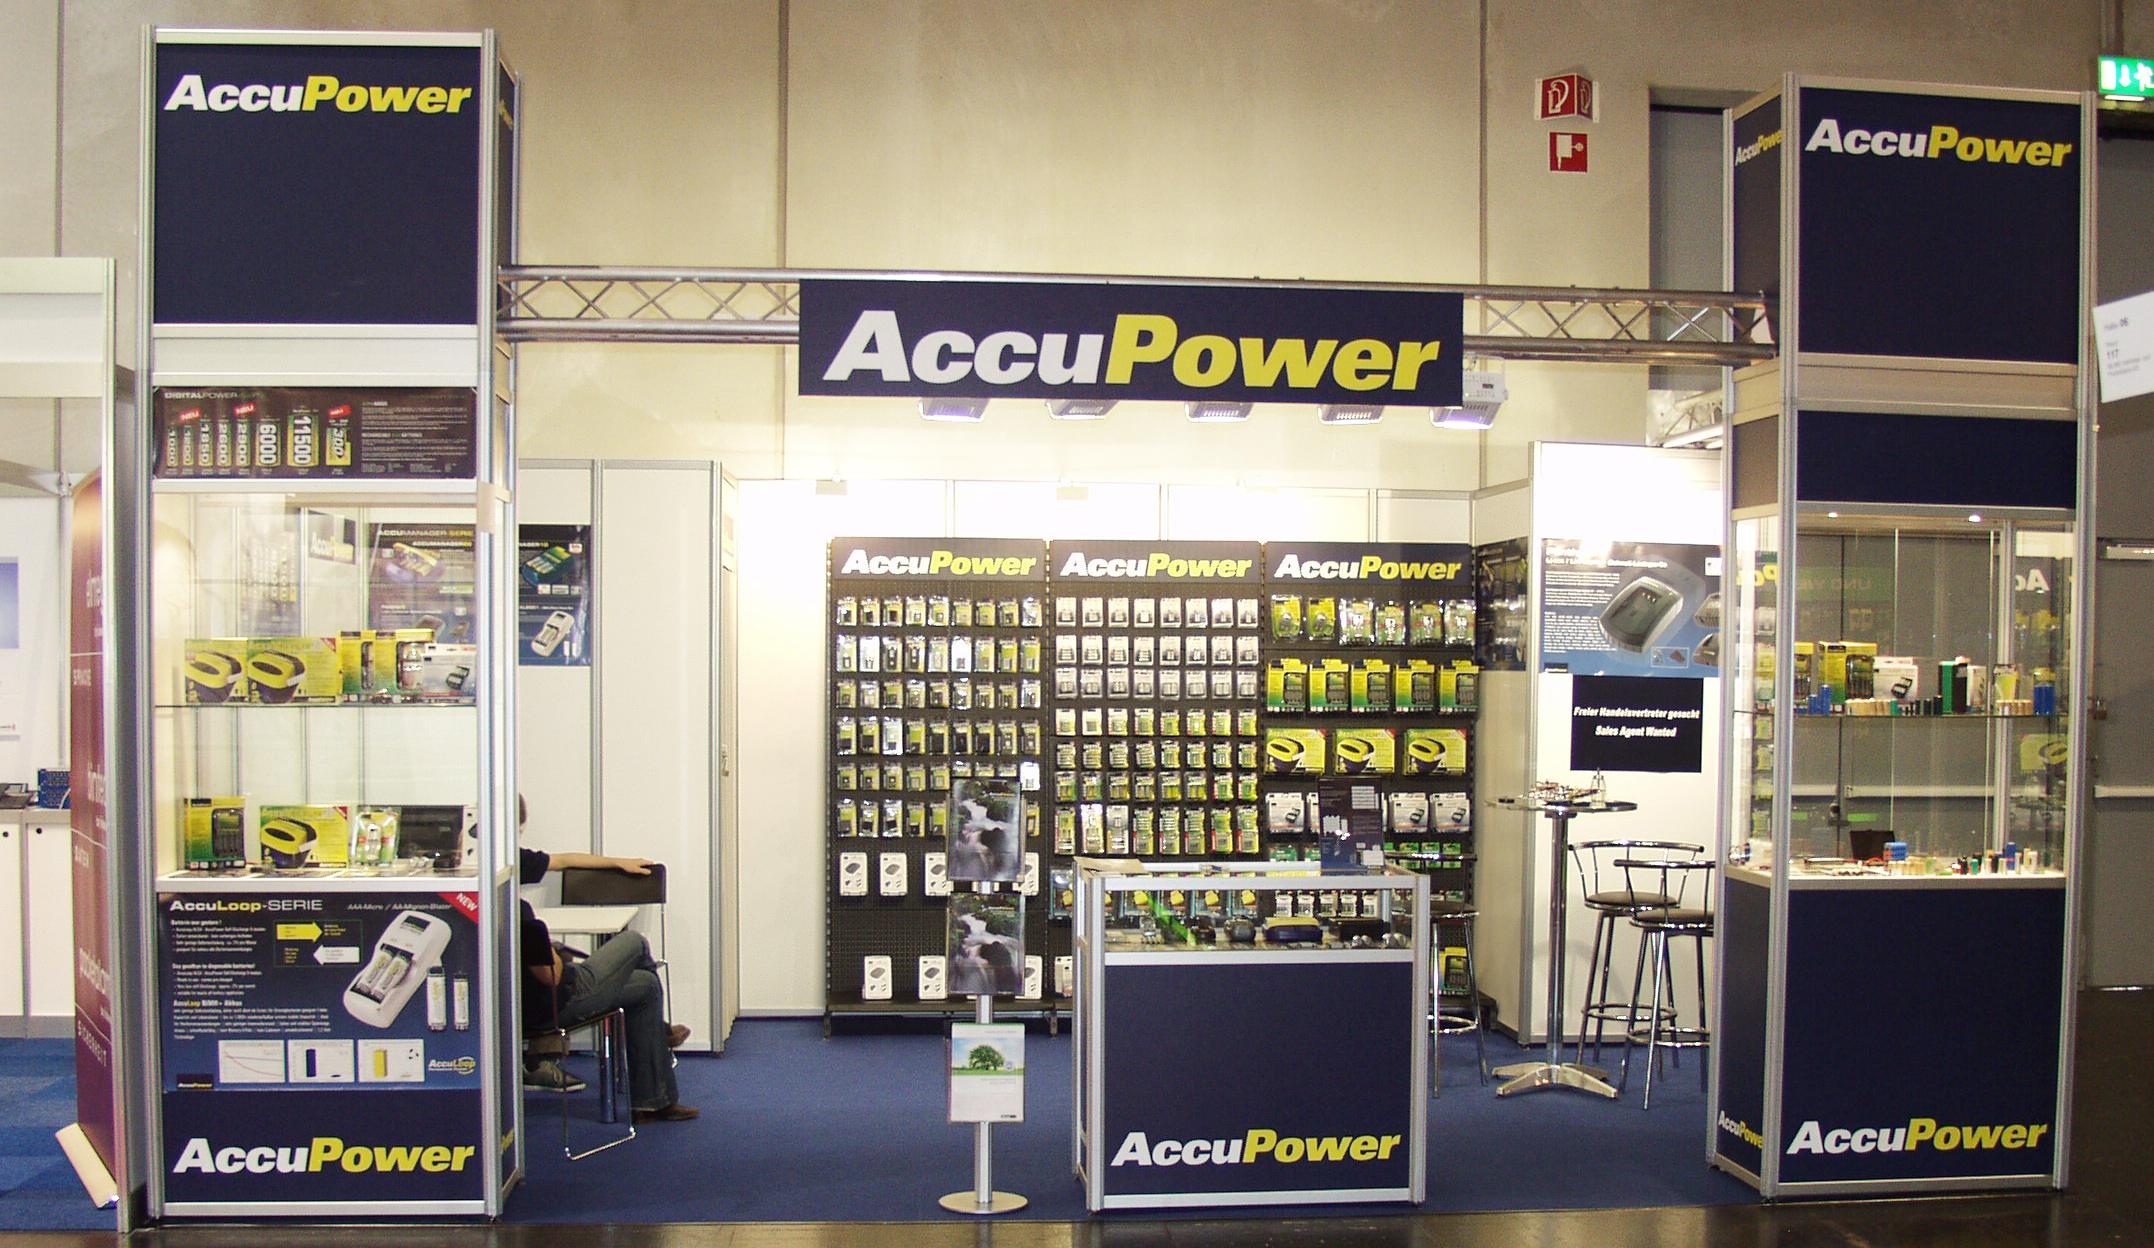 Ausstellung der AccuLoop-Akkus auf Messen in Hong-Kong. Markteinführung der weiterentwickelten AccuPower NiMH-Akkus AA/2900mAh und AAA/1200mAh.